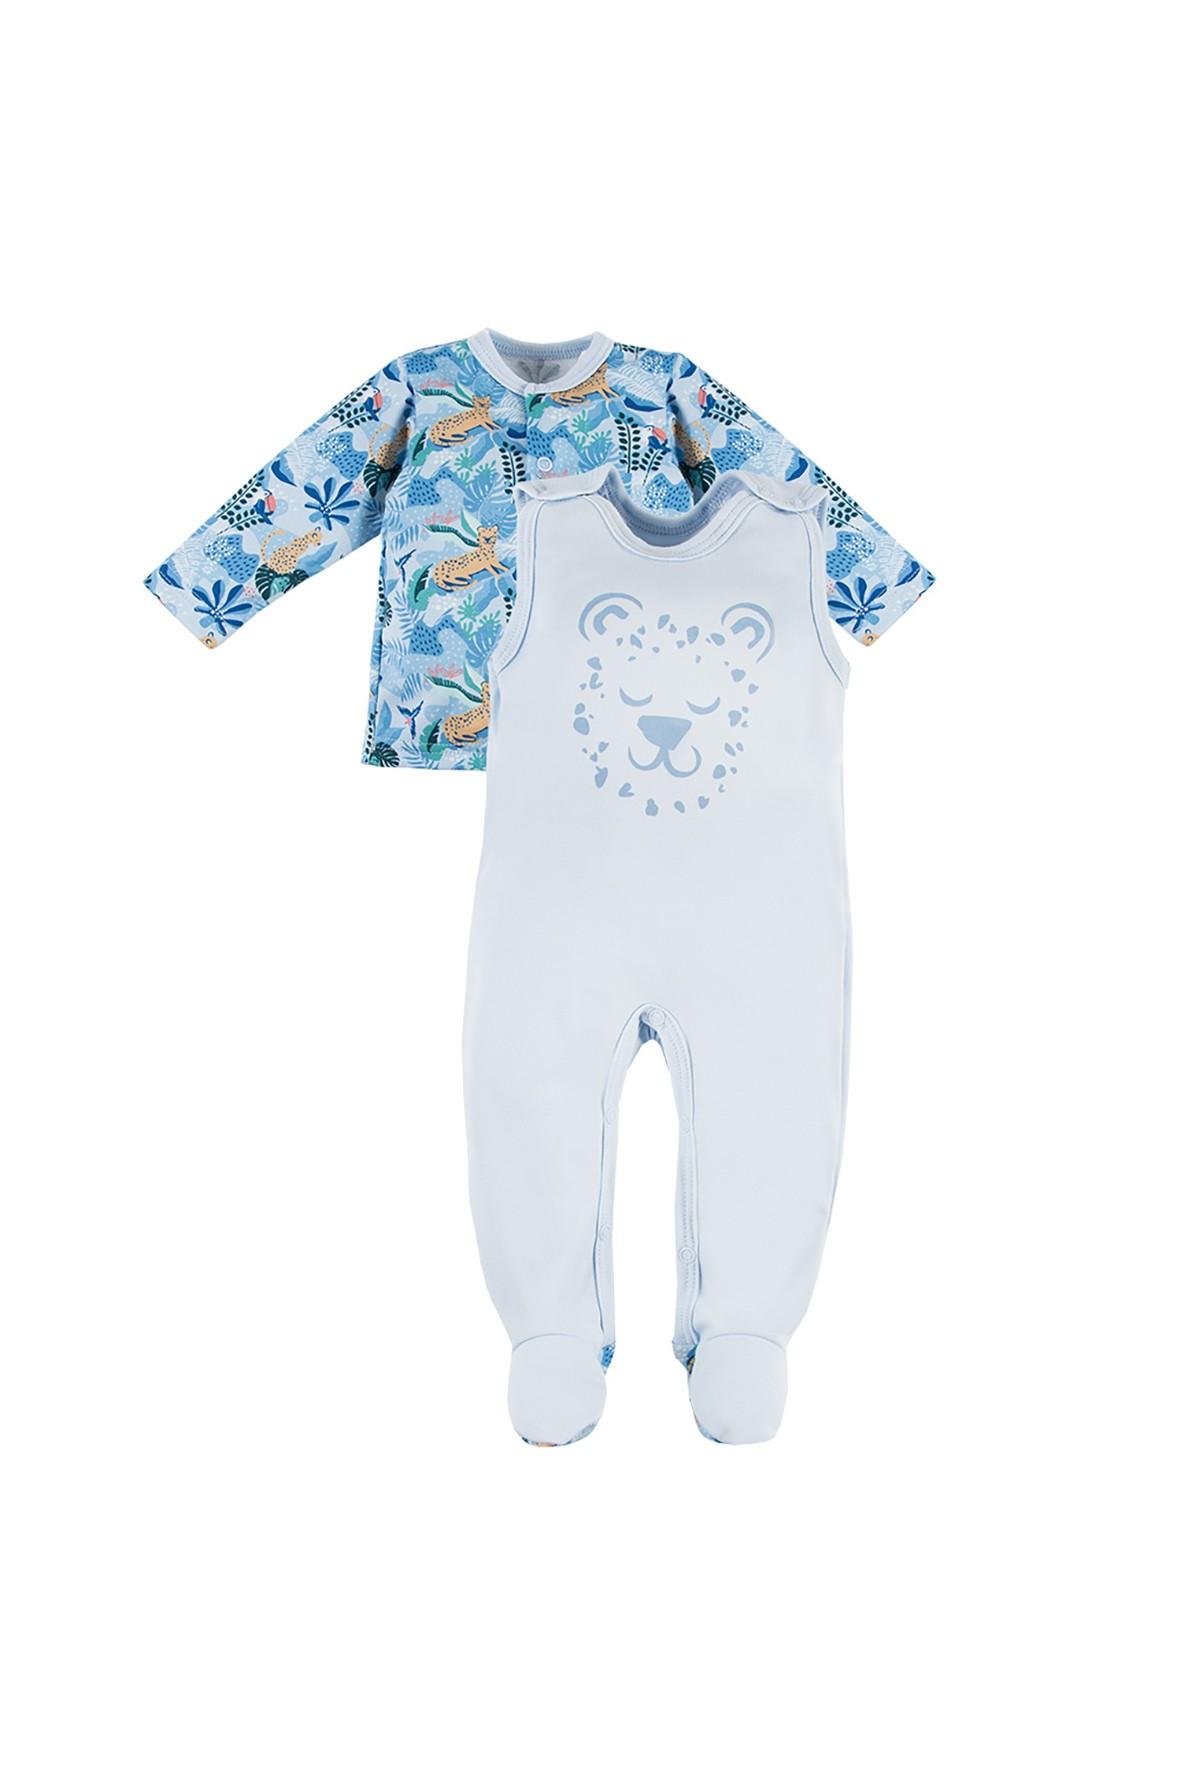 Komplet niemowlęcy NATURE niebieski